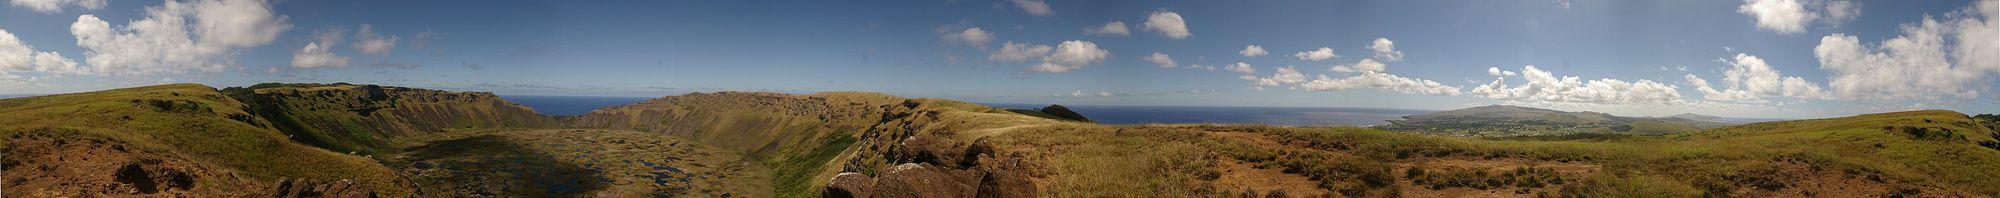 Панорама острова Пасхи с границы кратера Рано-Као